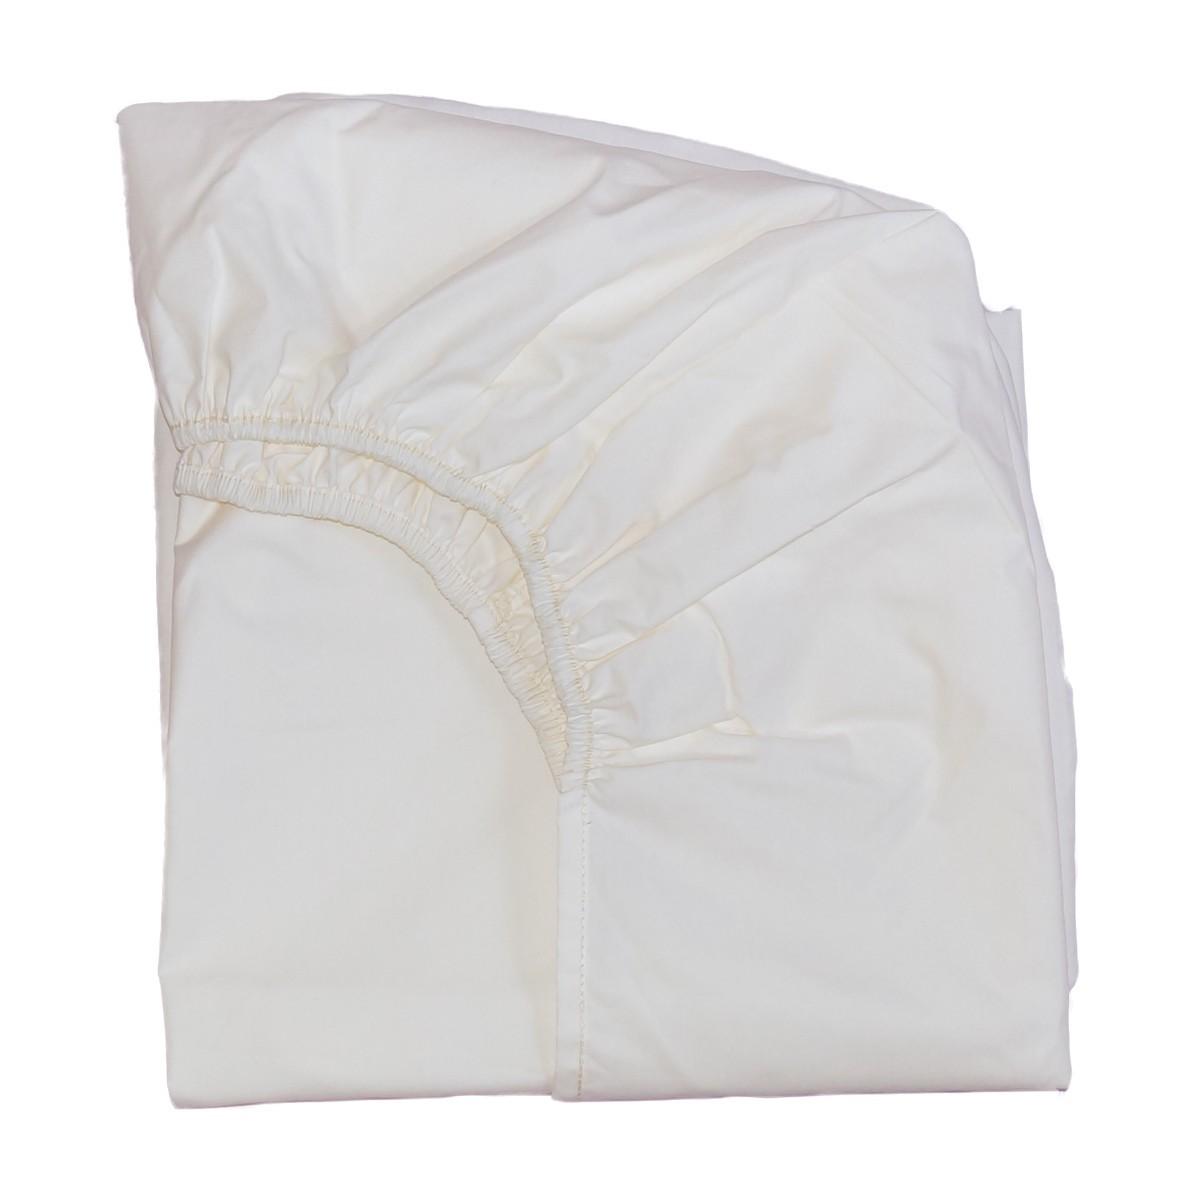 Drap housse cru en percale de coton pour lit barreaux b b - Drap housse 60x140 pour bebe ...